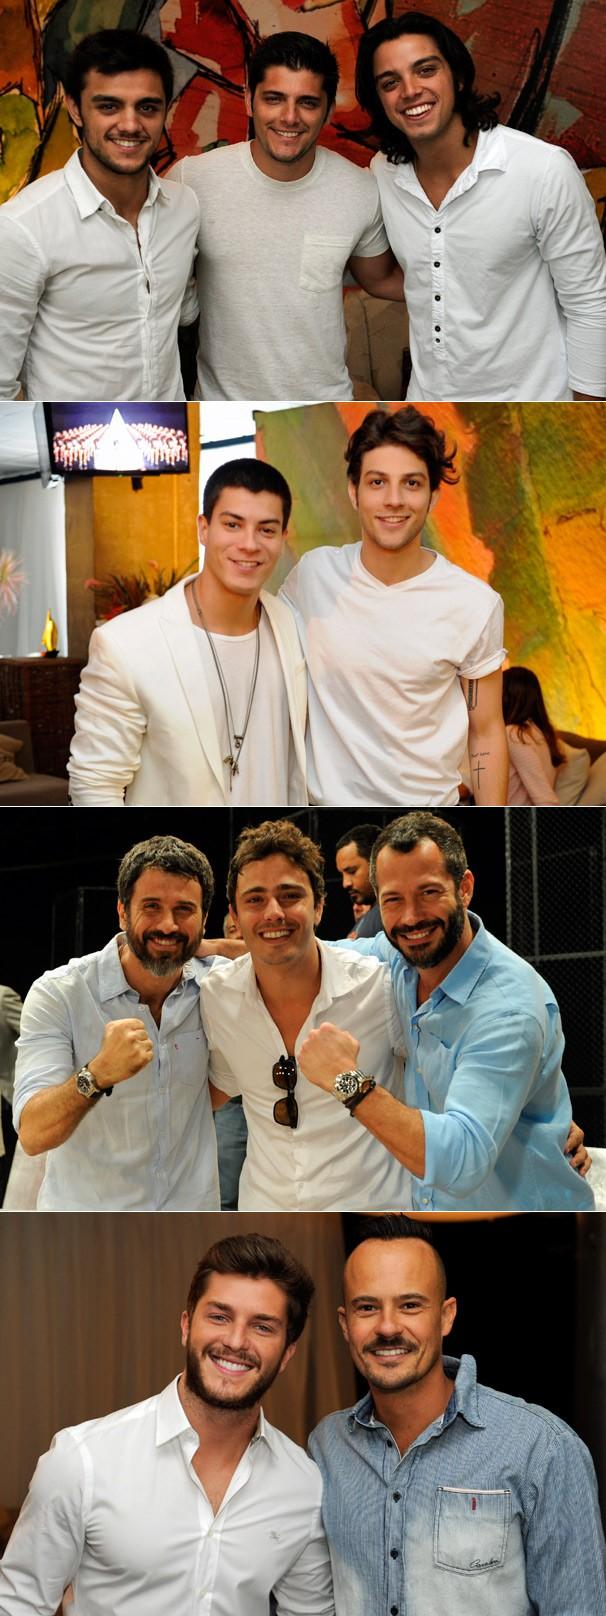 Os rapazes de nossas novelas e séries em clima de festa (Foto: Renato Rocha Miranda/Globo)